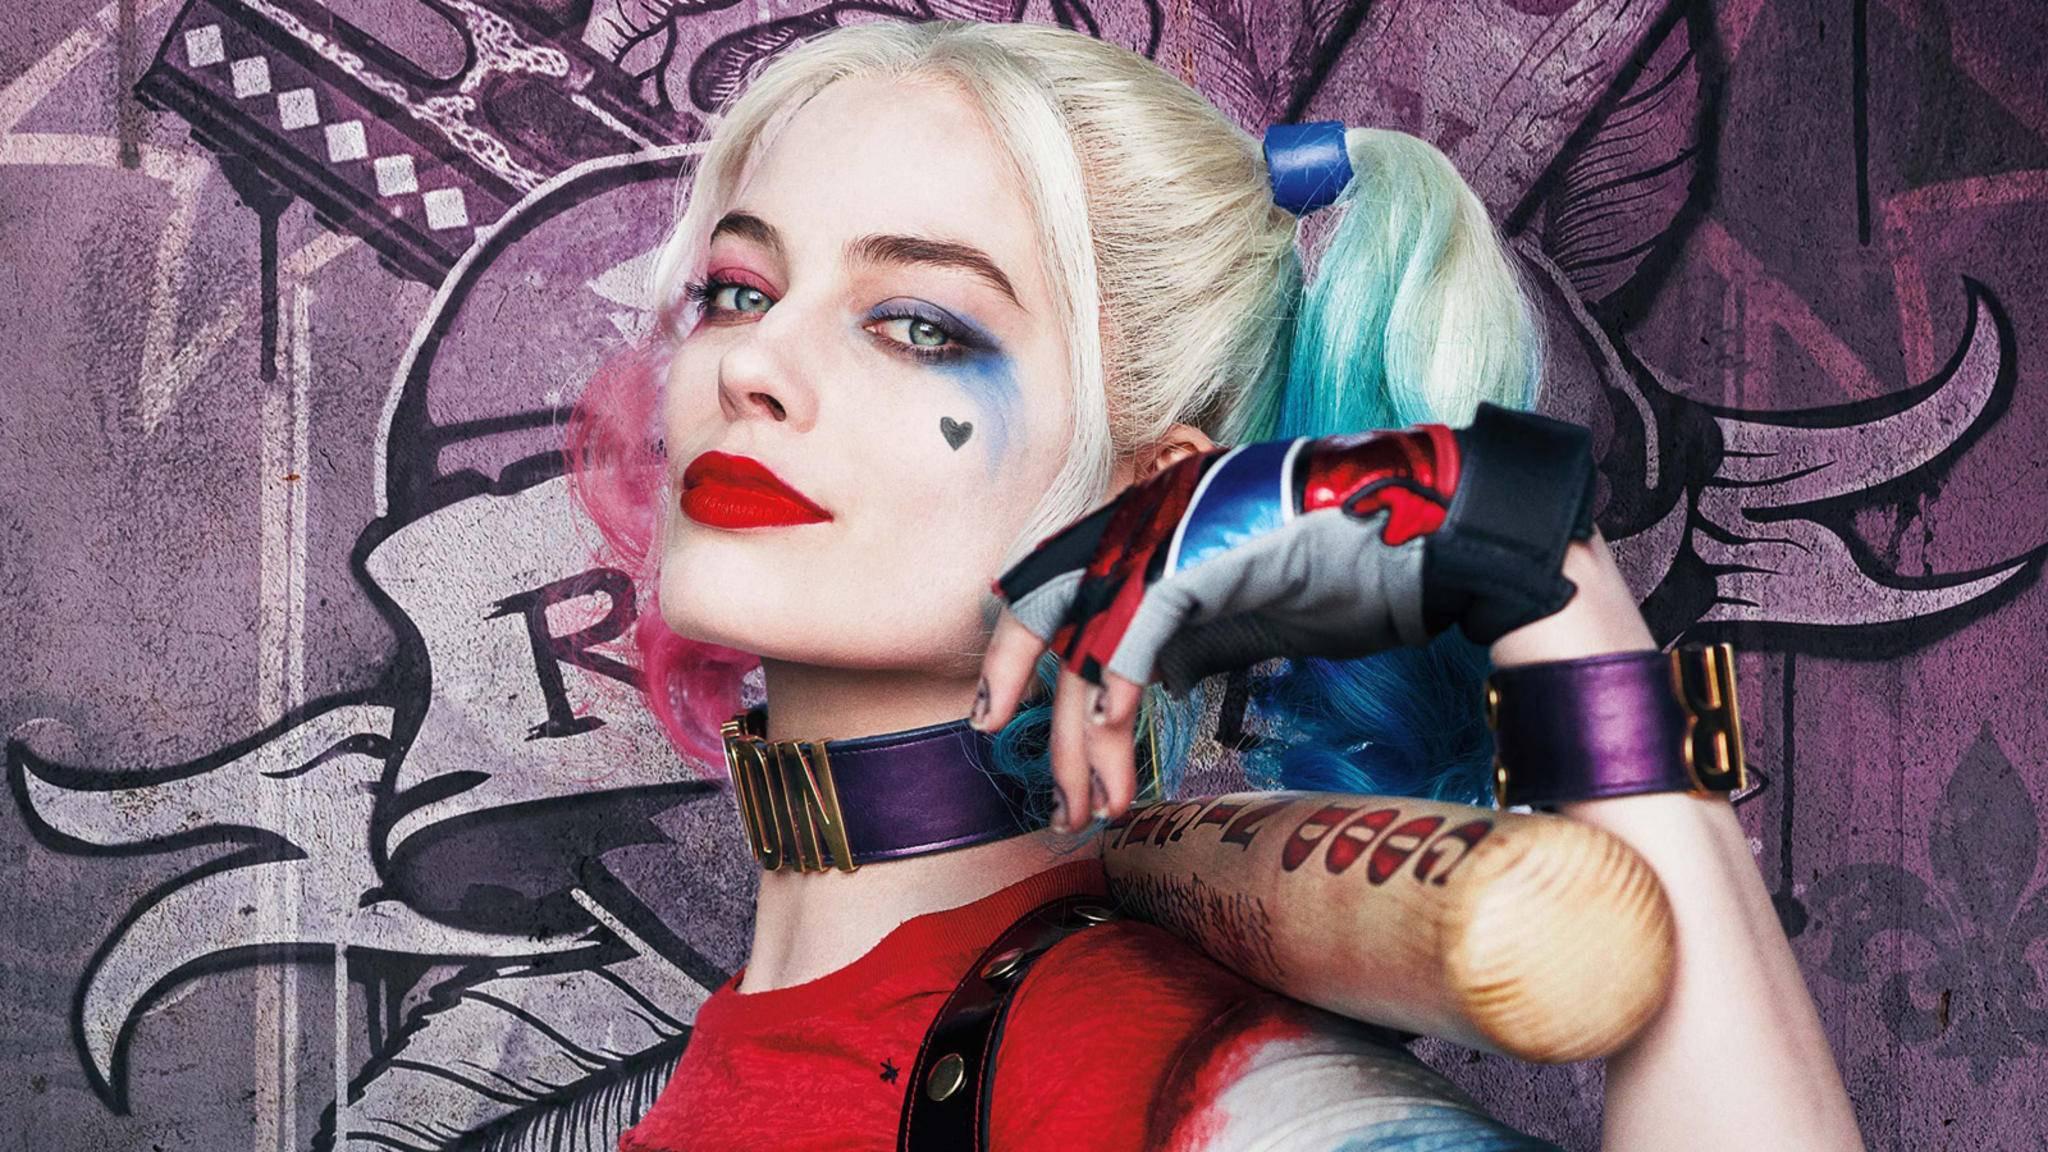 """Es sieht ganz so aus, als bekäme Harley Quinn einen neuen """"Spielkameraden"""": Black Mask lauert in """"Birds of Prey""""."""